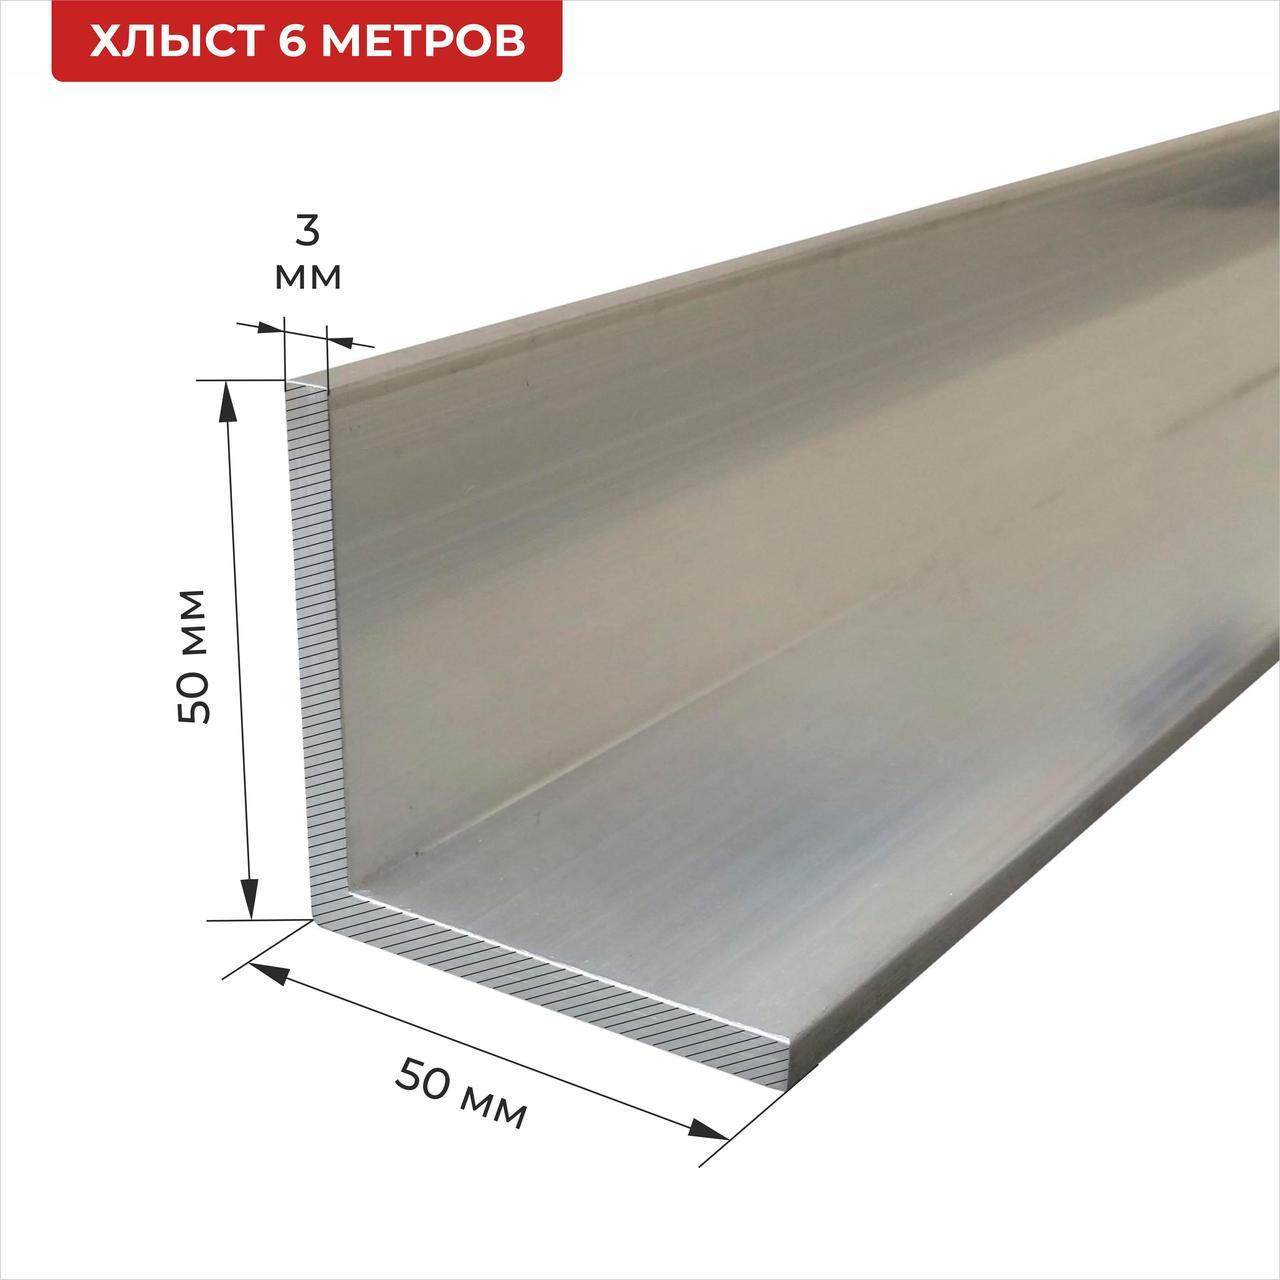 Уголок алюминиевый 50*50*3 6м